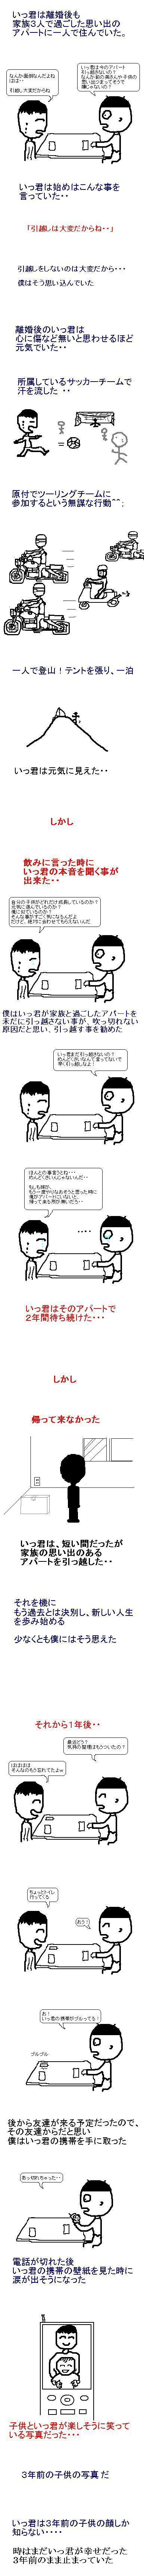 いっ君の話〜離婚後〜